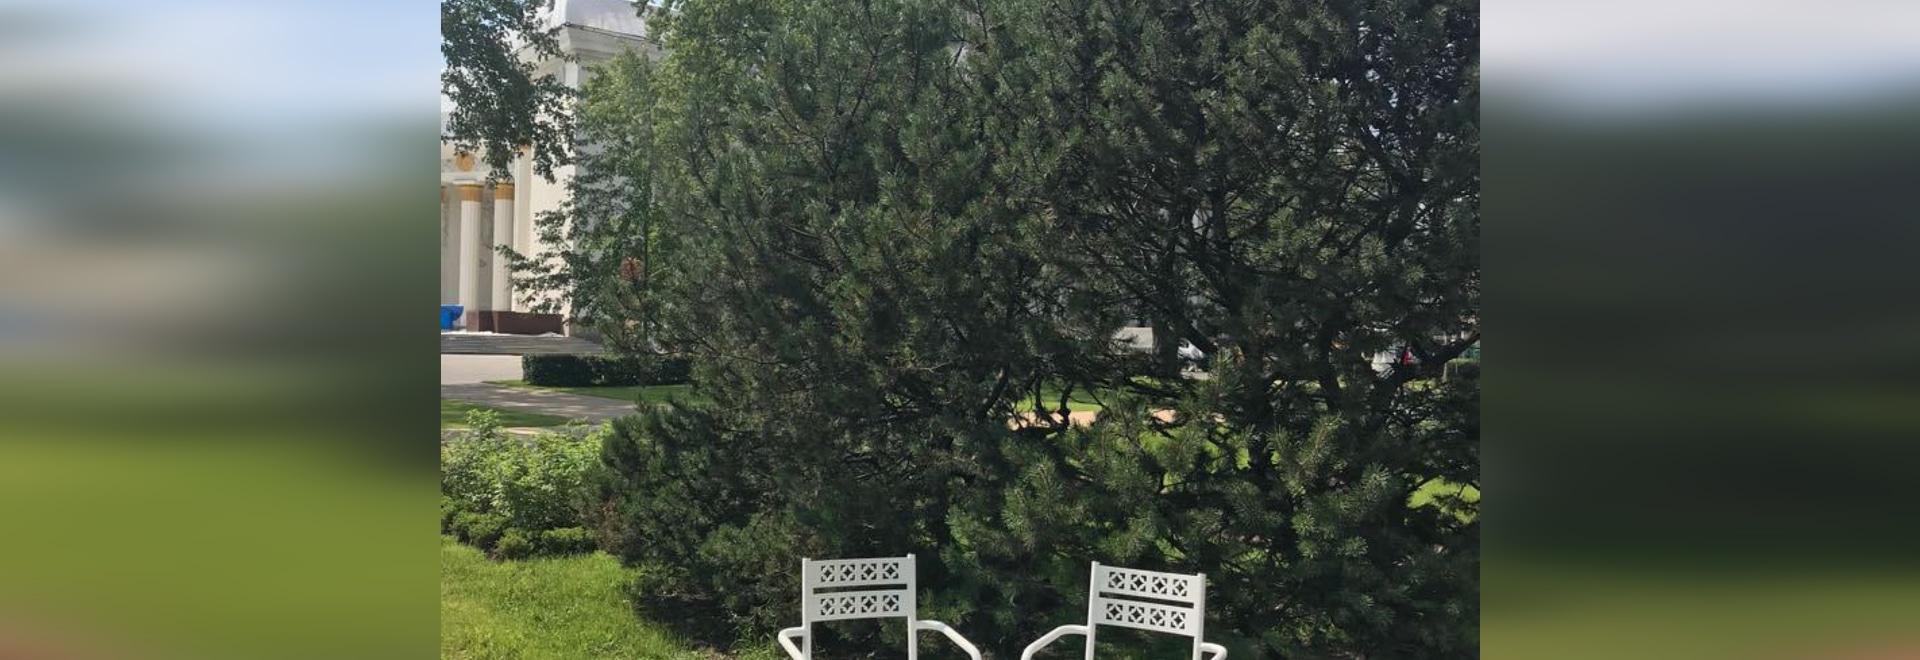 Parque en Kazan